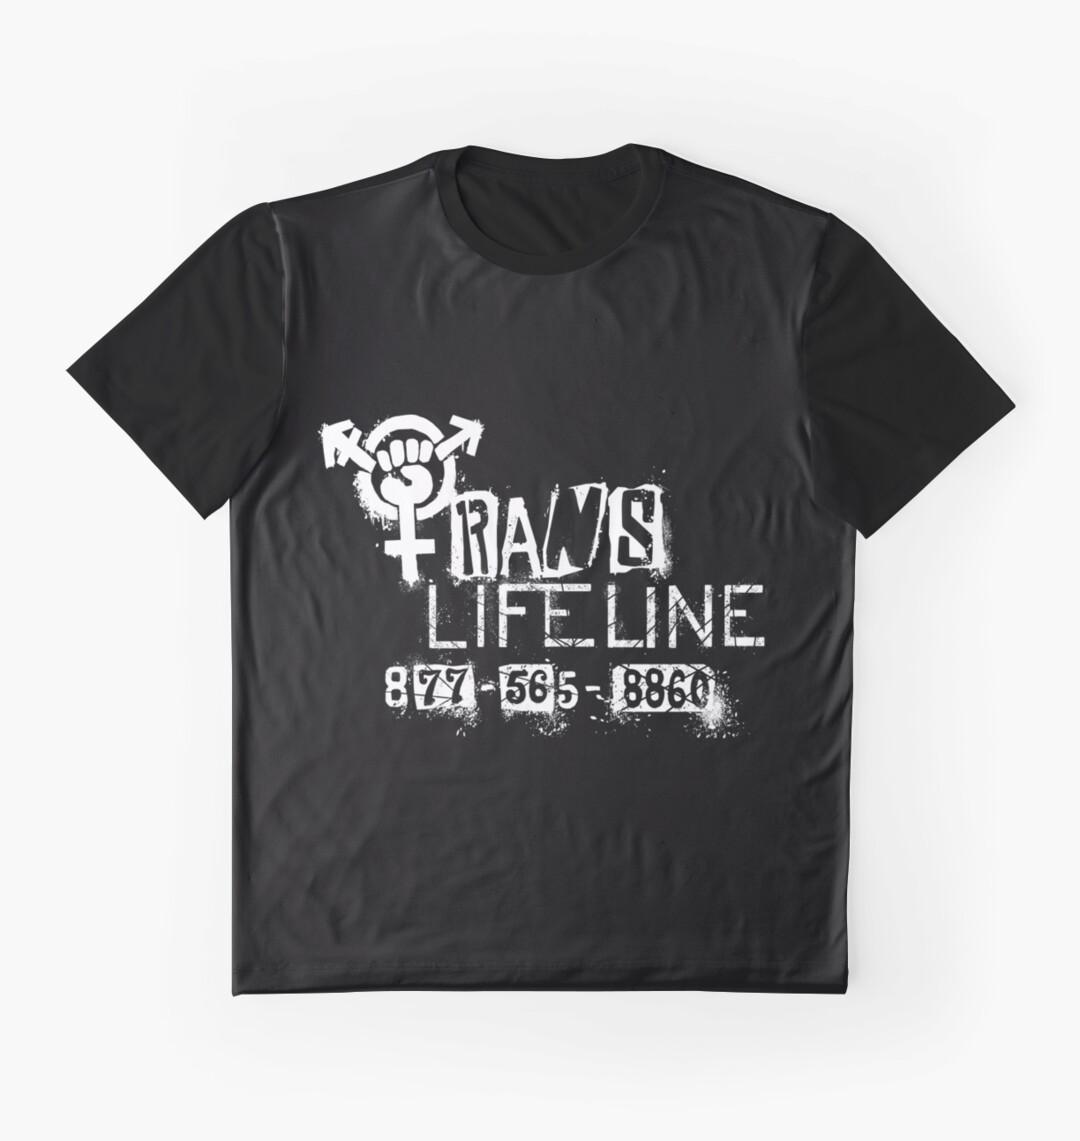 Design shirt redbubble - Trans Lifeline Design By Iria Villalobos